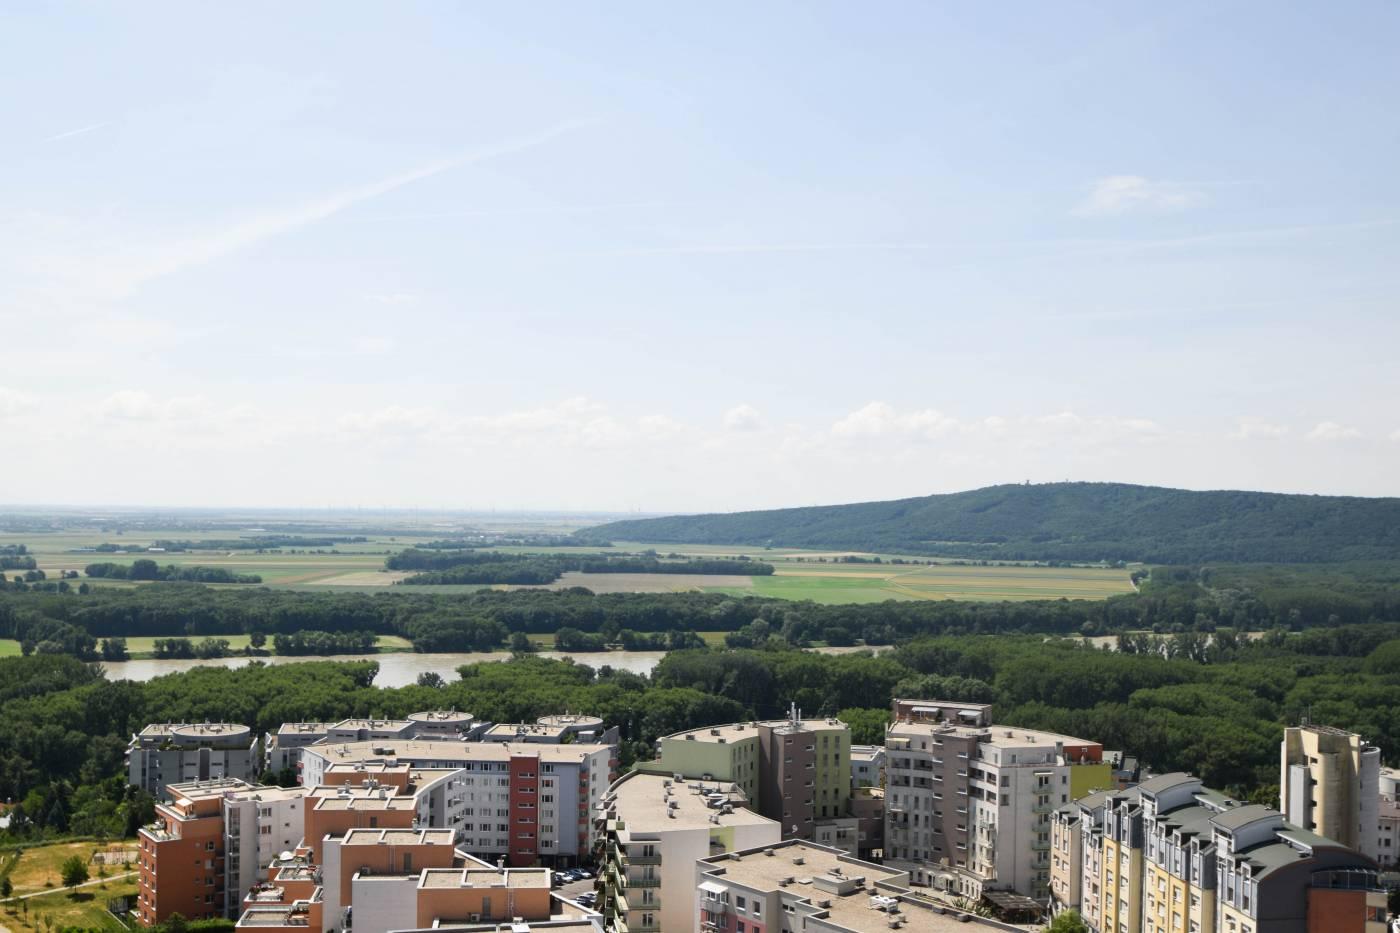 долгосрочная аренда жилья в братиславе